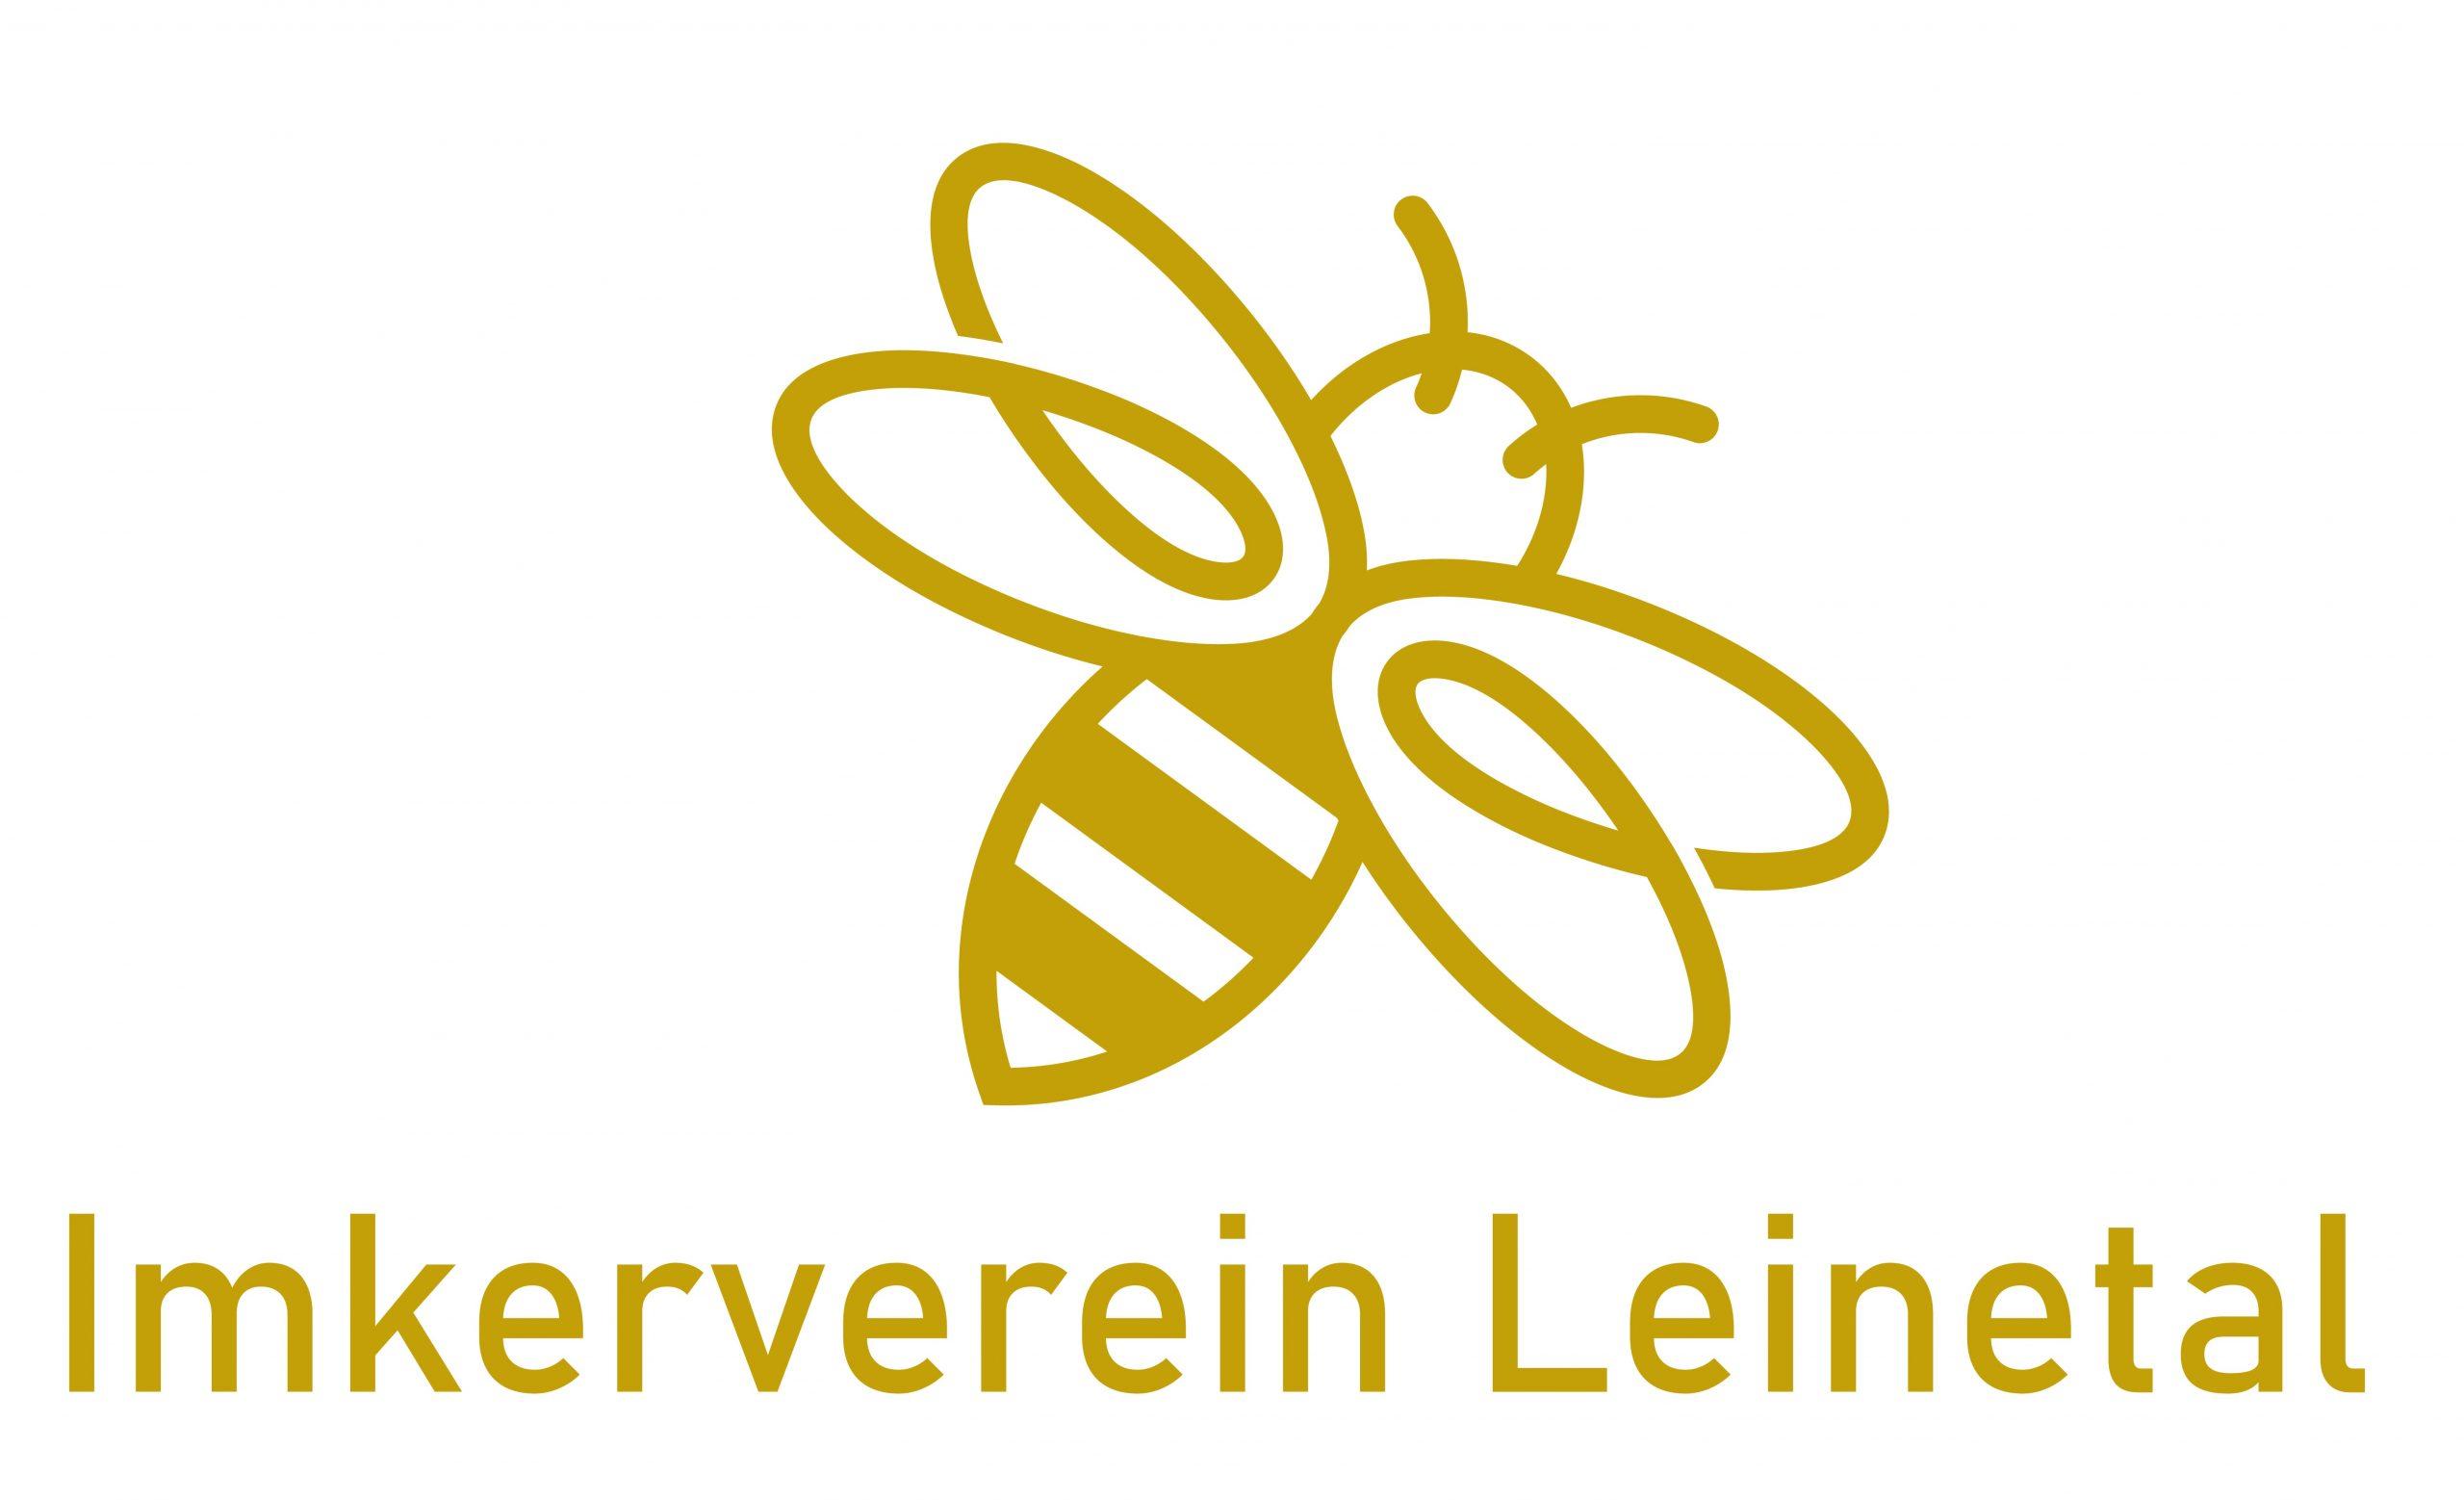 Imkerverein Leinetal